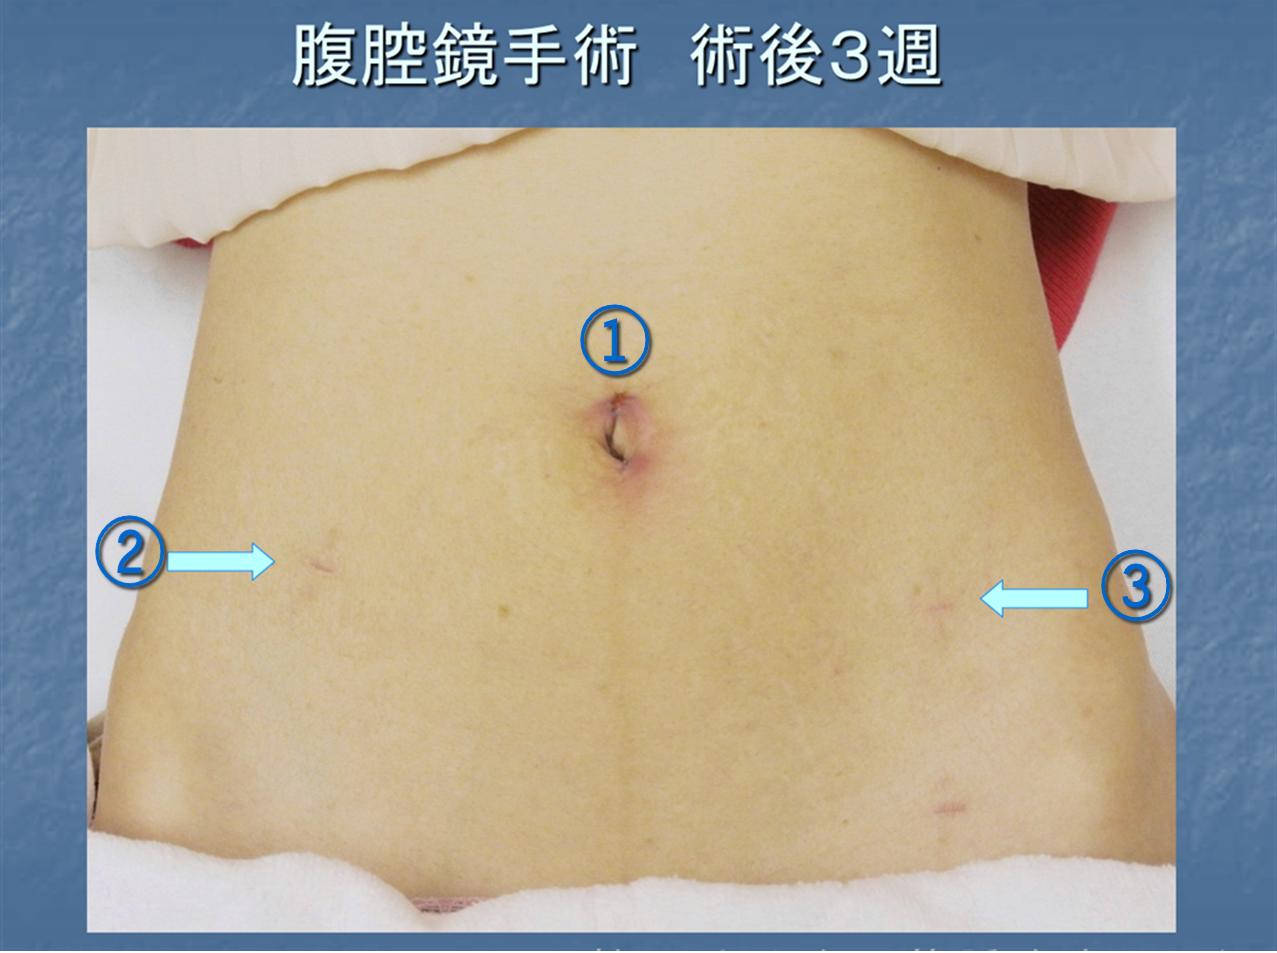 腹腔鏡手術 | 切らない筋腫治療...